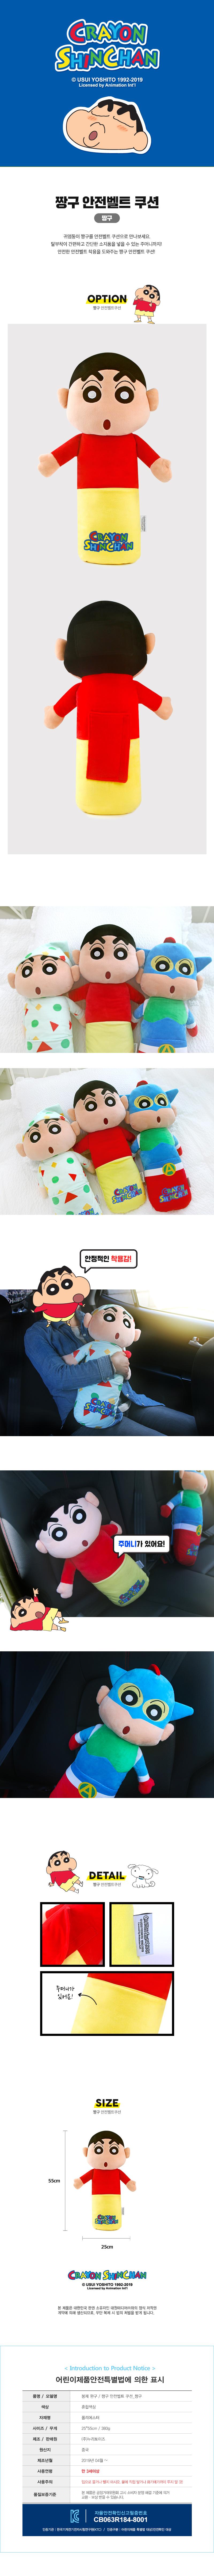 짱구 안전벨트쿠션_짱구 - 누리토이즈, 30,000원, 캐릭터인형, 게임/애니메이션